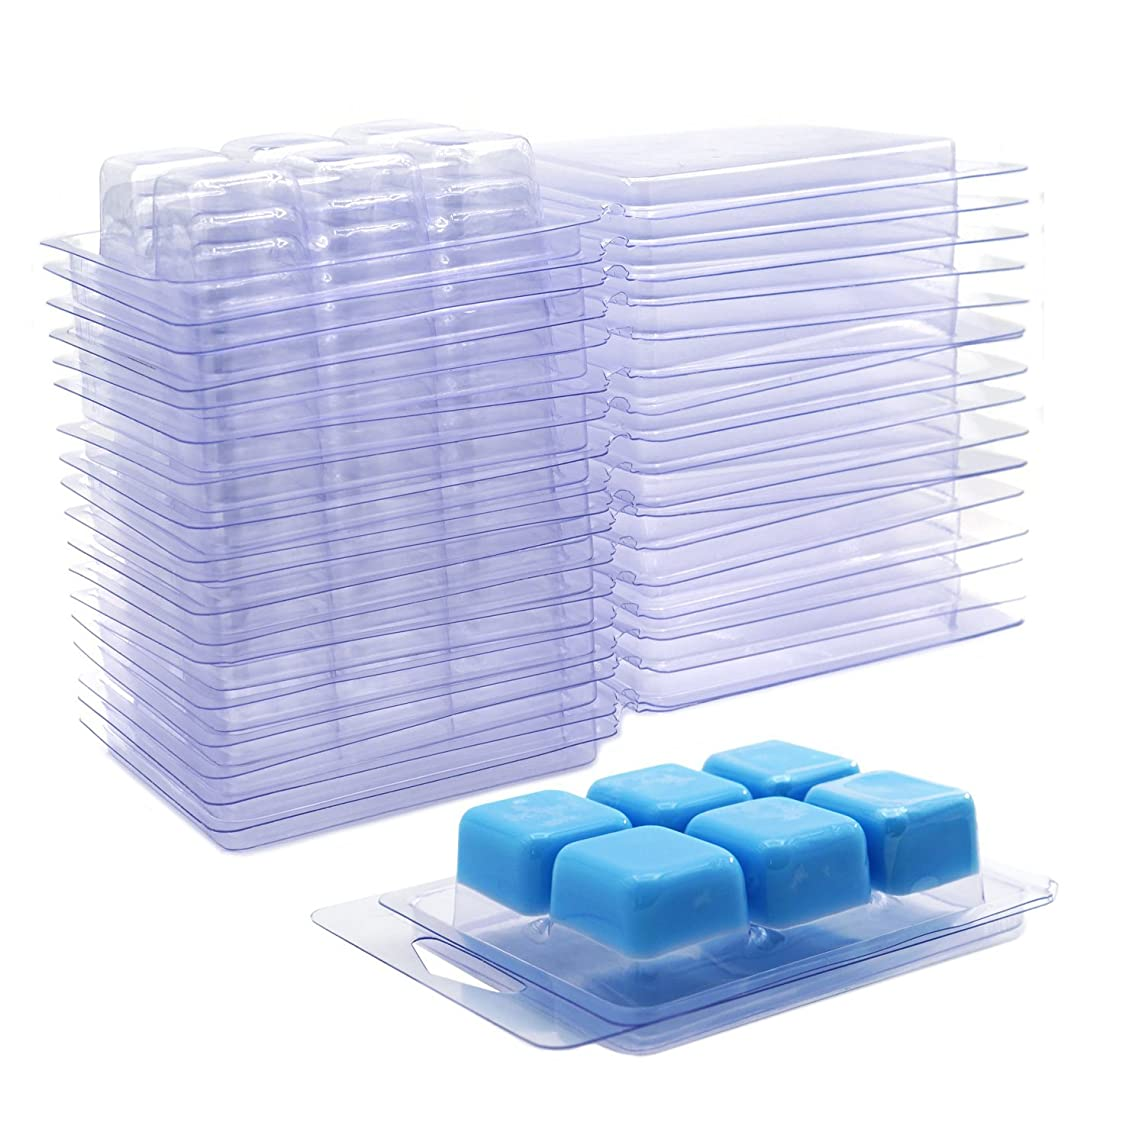 DGQ Wax Melt Molds - 25 Packs Clear Empty Plastic Wax Melt Clamshells for Wickless Wax Melt Candles